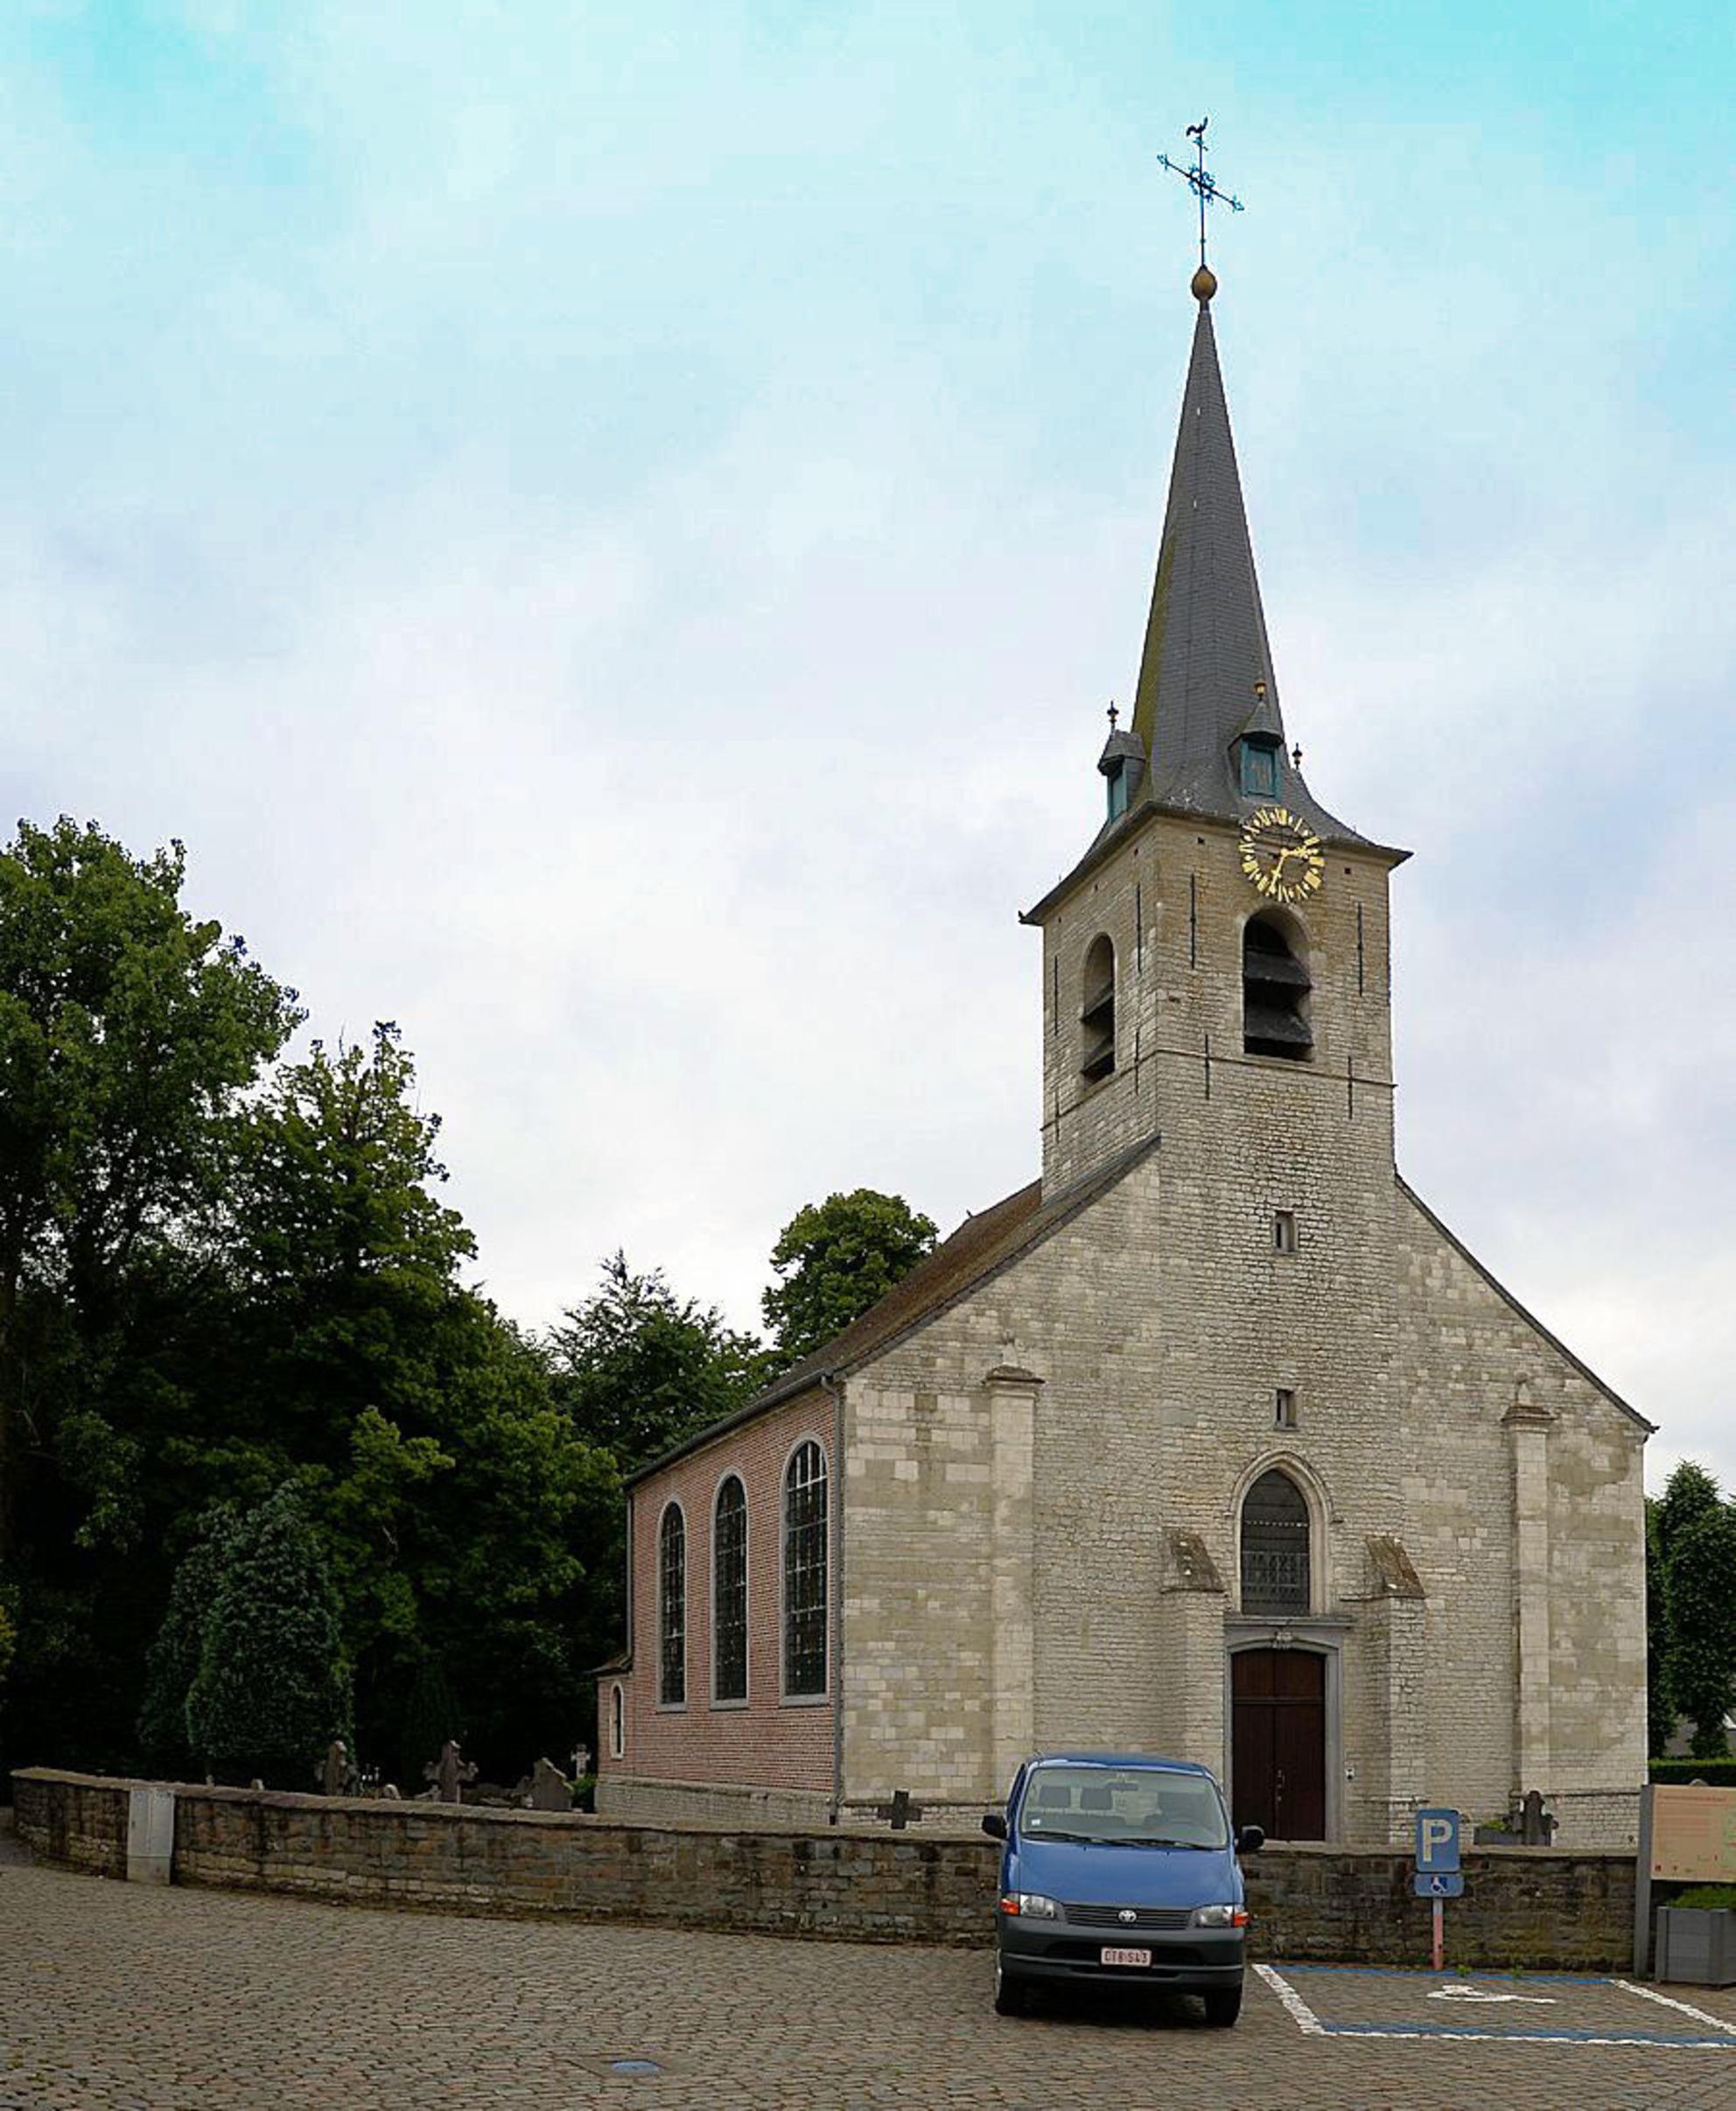 Bouwkundig erfgoed - 27 - [b]Parochiekerk Sint-Jan-de-Doper[/b]  Heterogene constructie met omringend kerkhof ingeplant op het dorpspleintje met ten zuidwesten een hoeve en  - foto door jpvdfotografie op 29-05-2014 - deze foto bevat: oud, architectuur, kerk, gebouw, belgie, gotiek, barok, kerkhoven, merchtem, spitsboog, steunberen, parochiekerken, arduin, louis xv, ossel